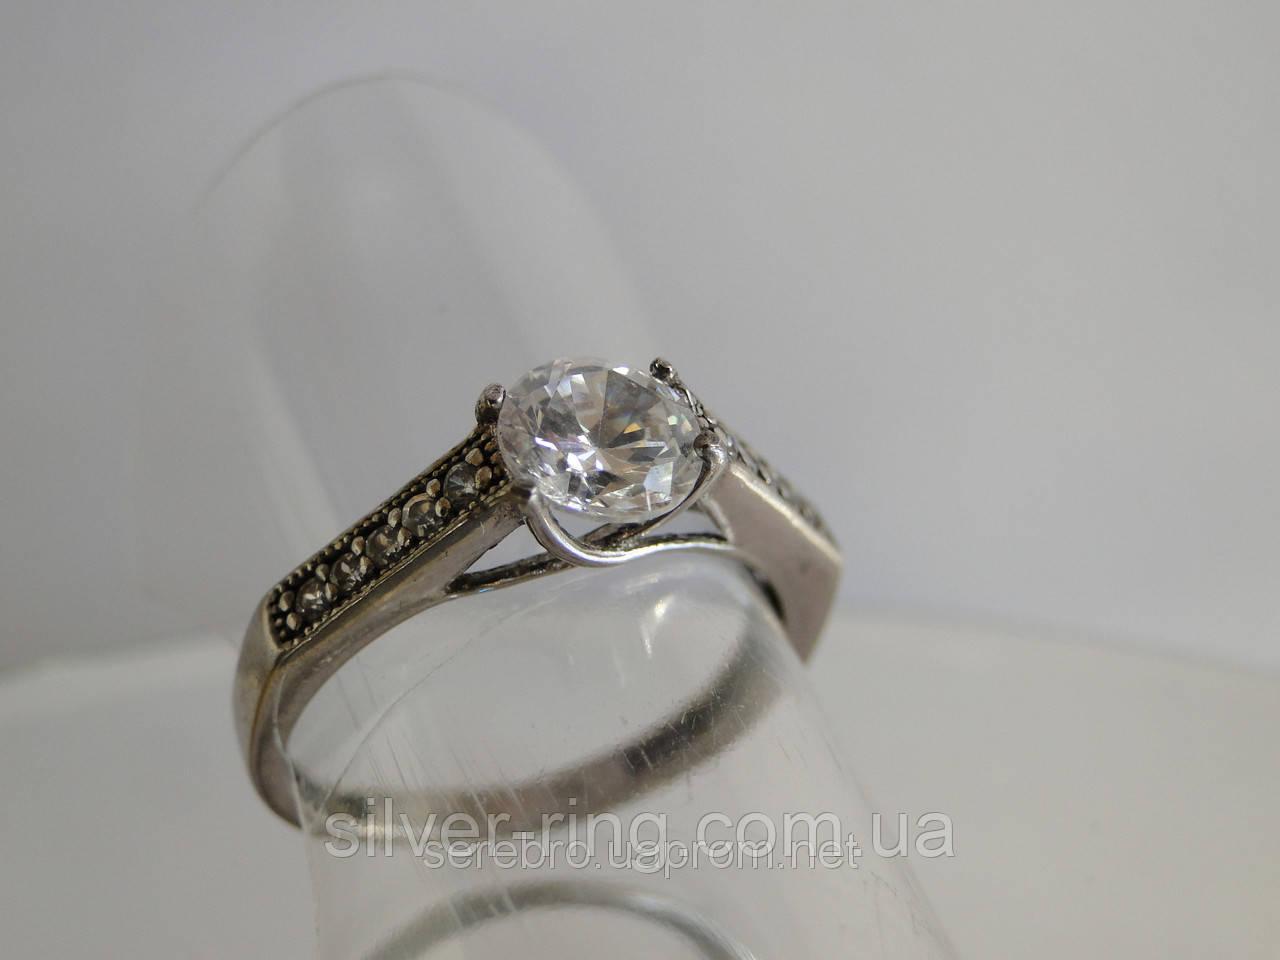 Нежное кольцо для девушки